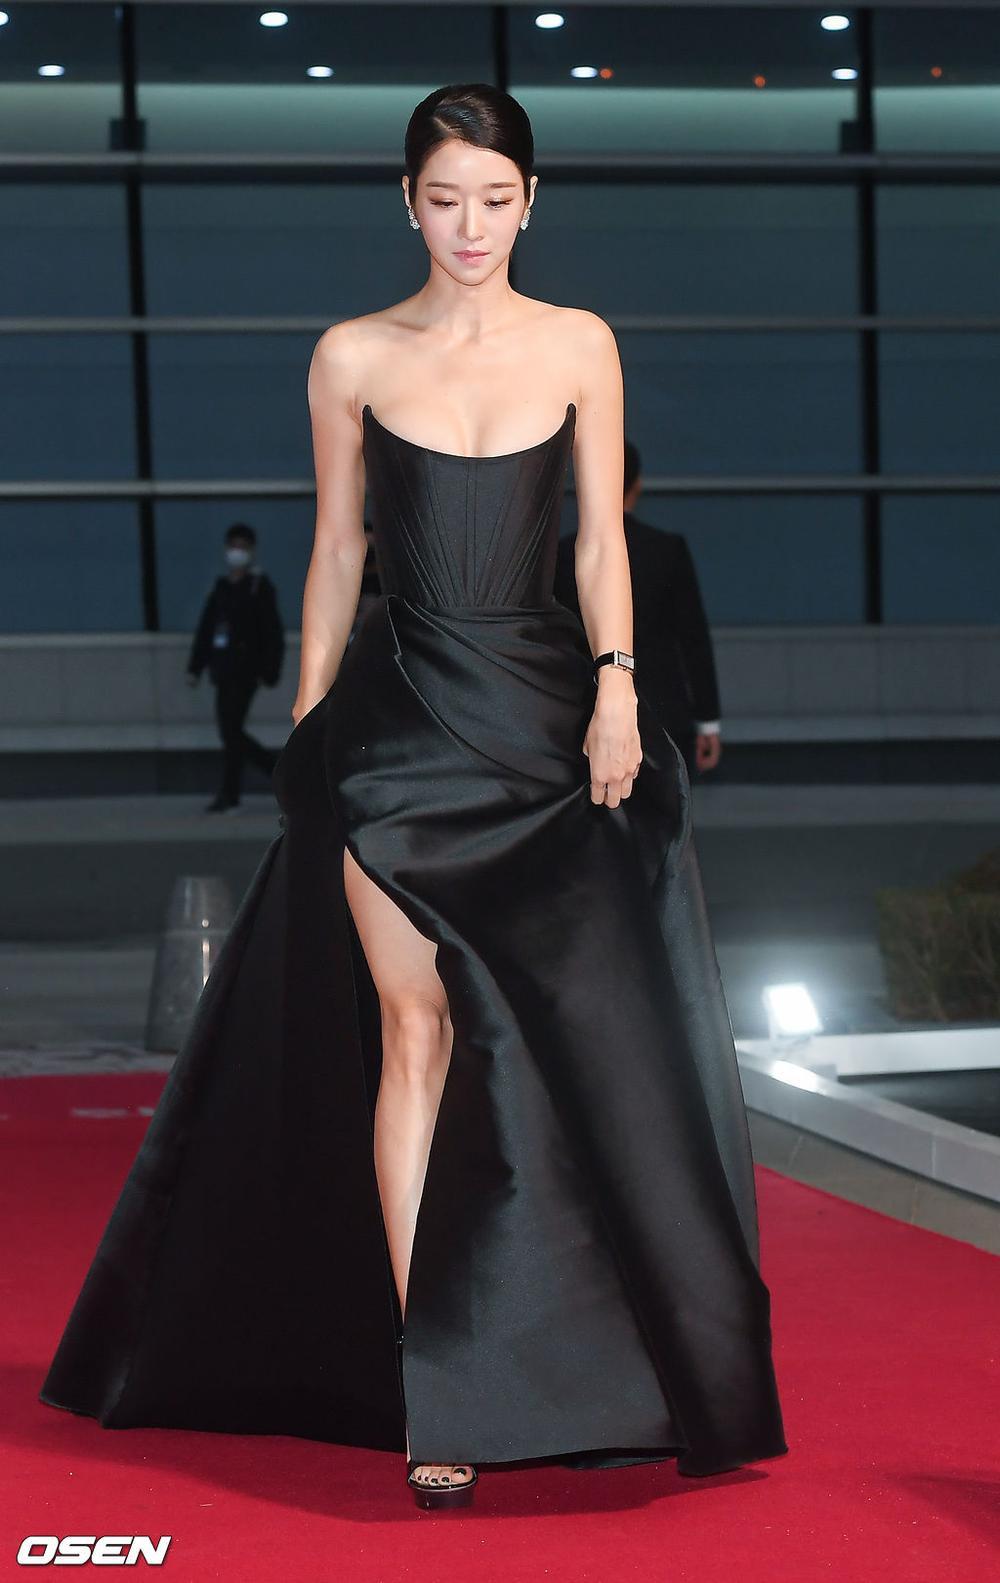 'Buil Film Awards 2020': Điên nữ Seo Ye Ji khoe ngực khủng, xuất thần cùng Lee Byung Hun trên thảm đỏ Ảnh 7